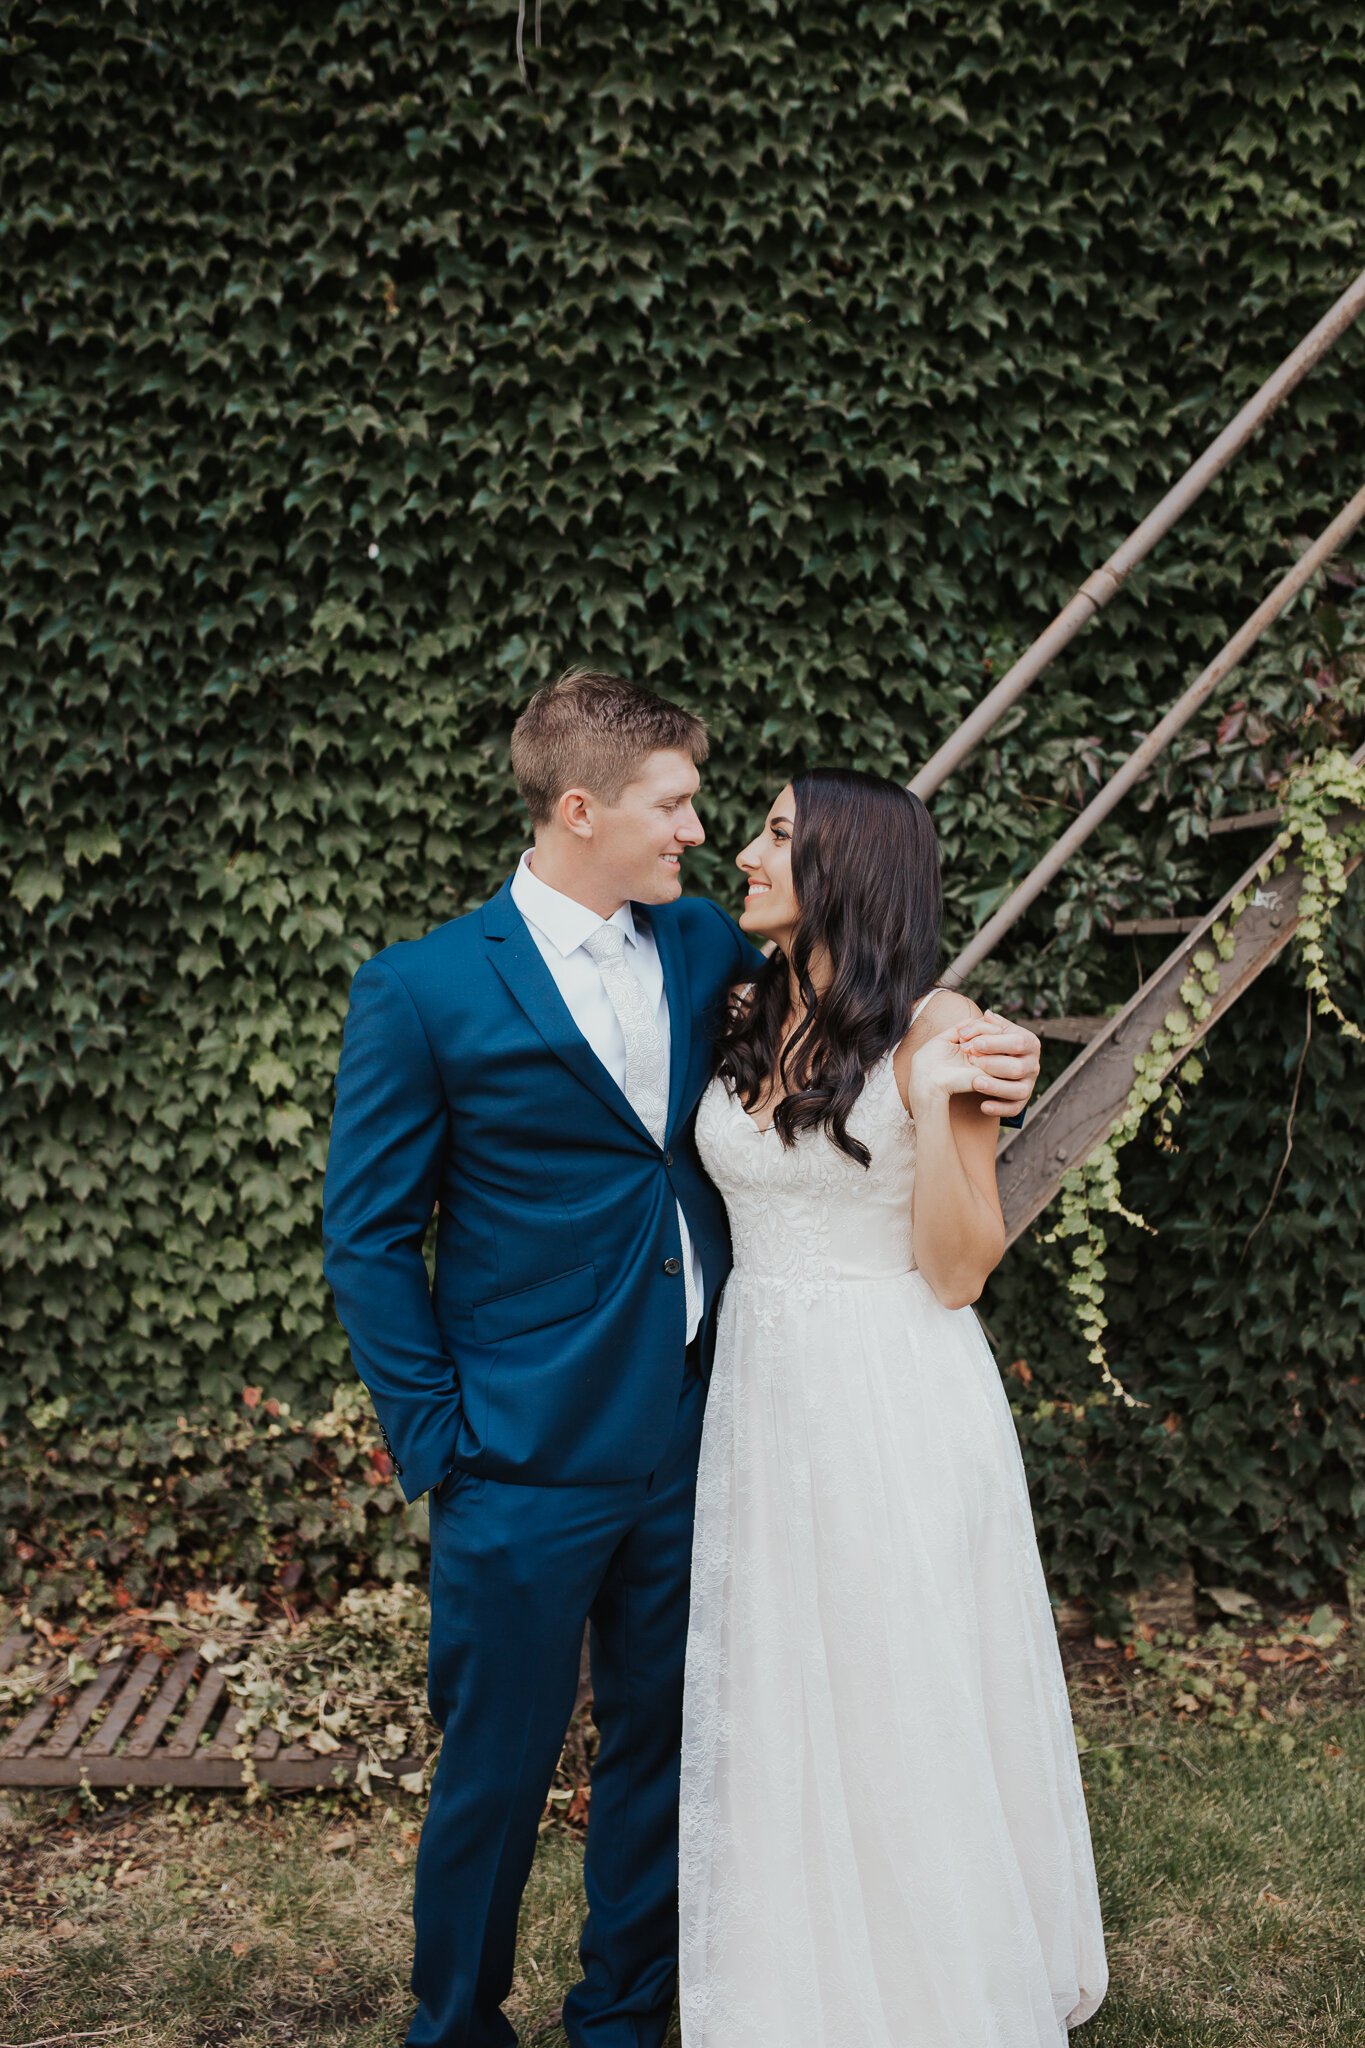 KirstenMatt-Wedding-22.jpg